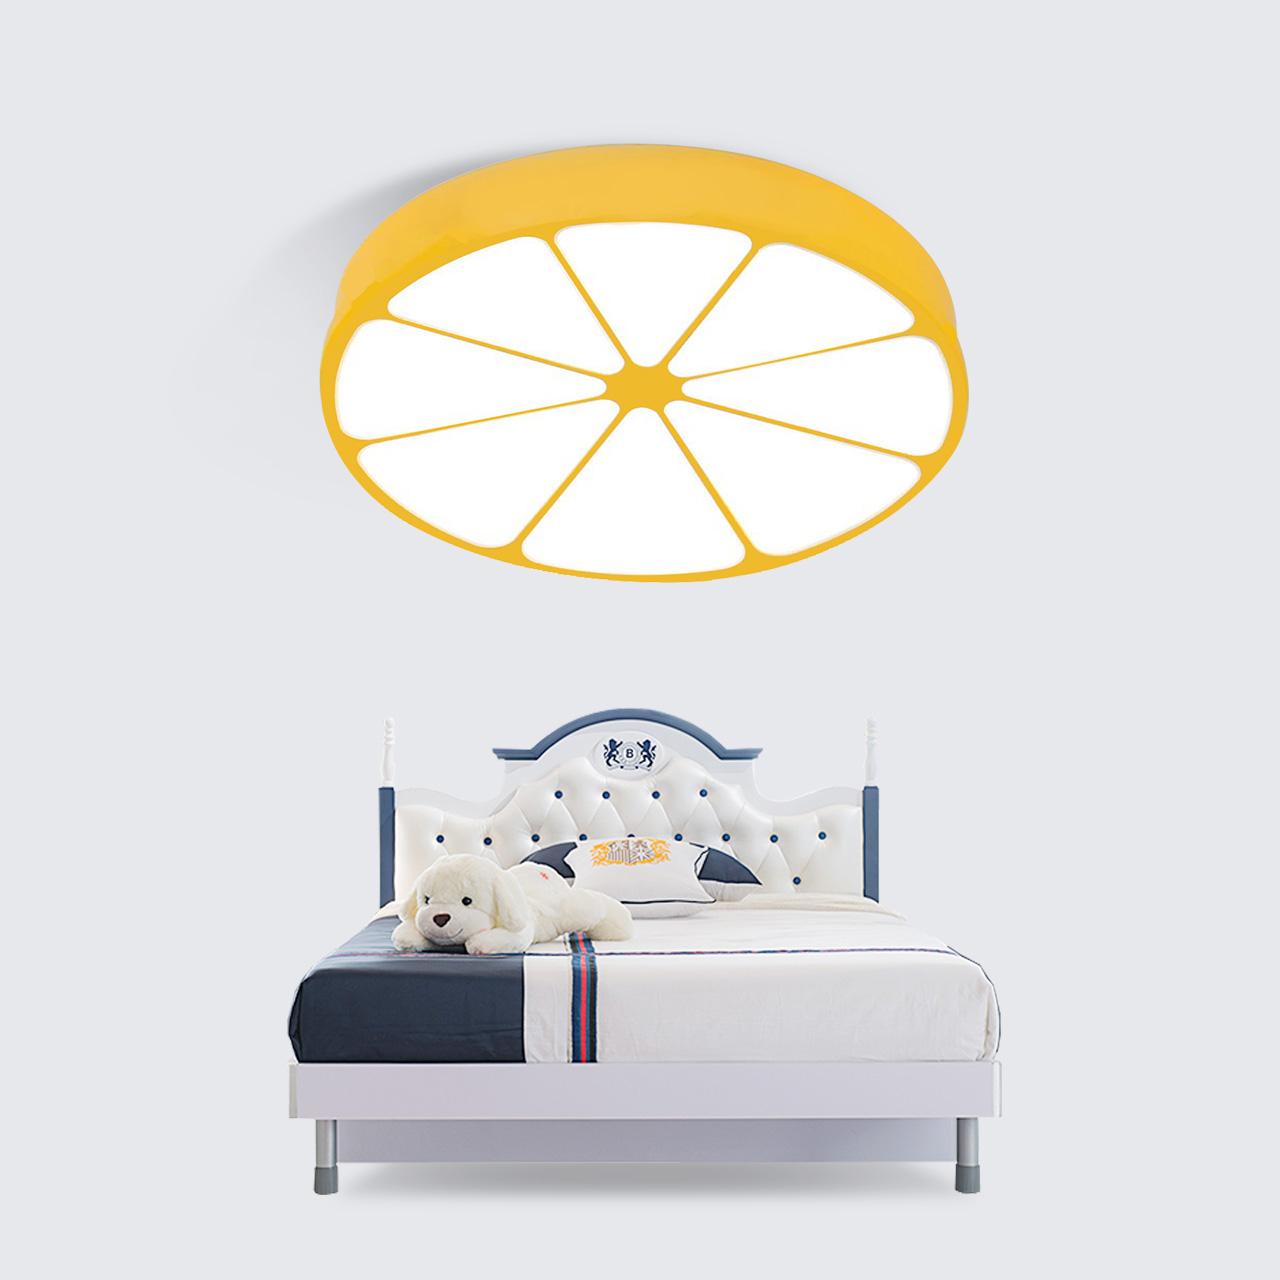 吸顶灯男孩女孩卧室灯简约现代卡通房间灯具 led 雷士照明儿童房灯